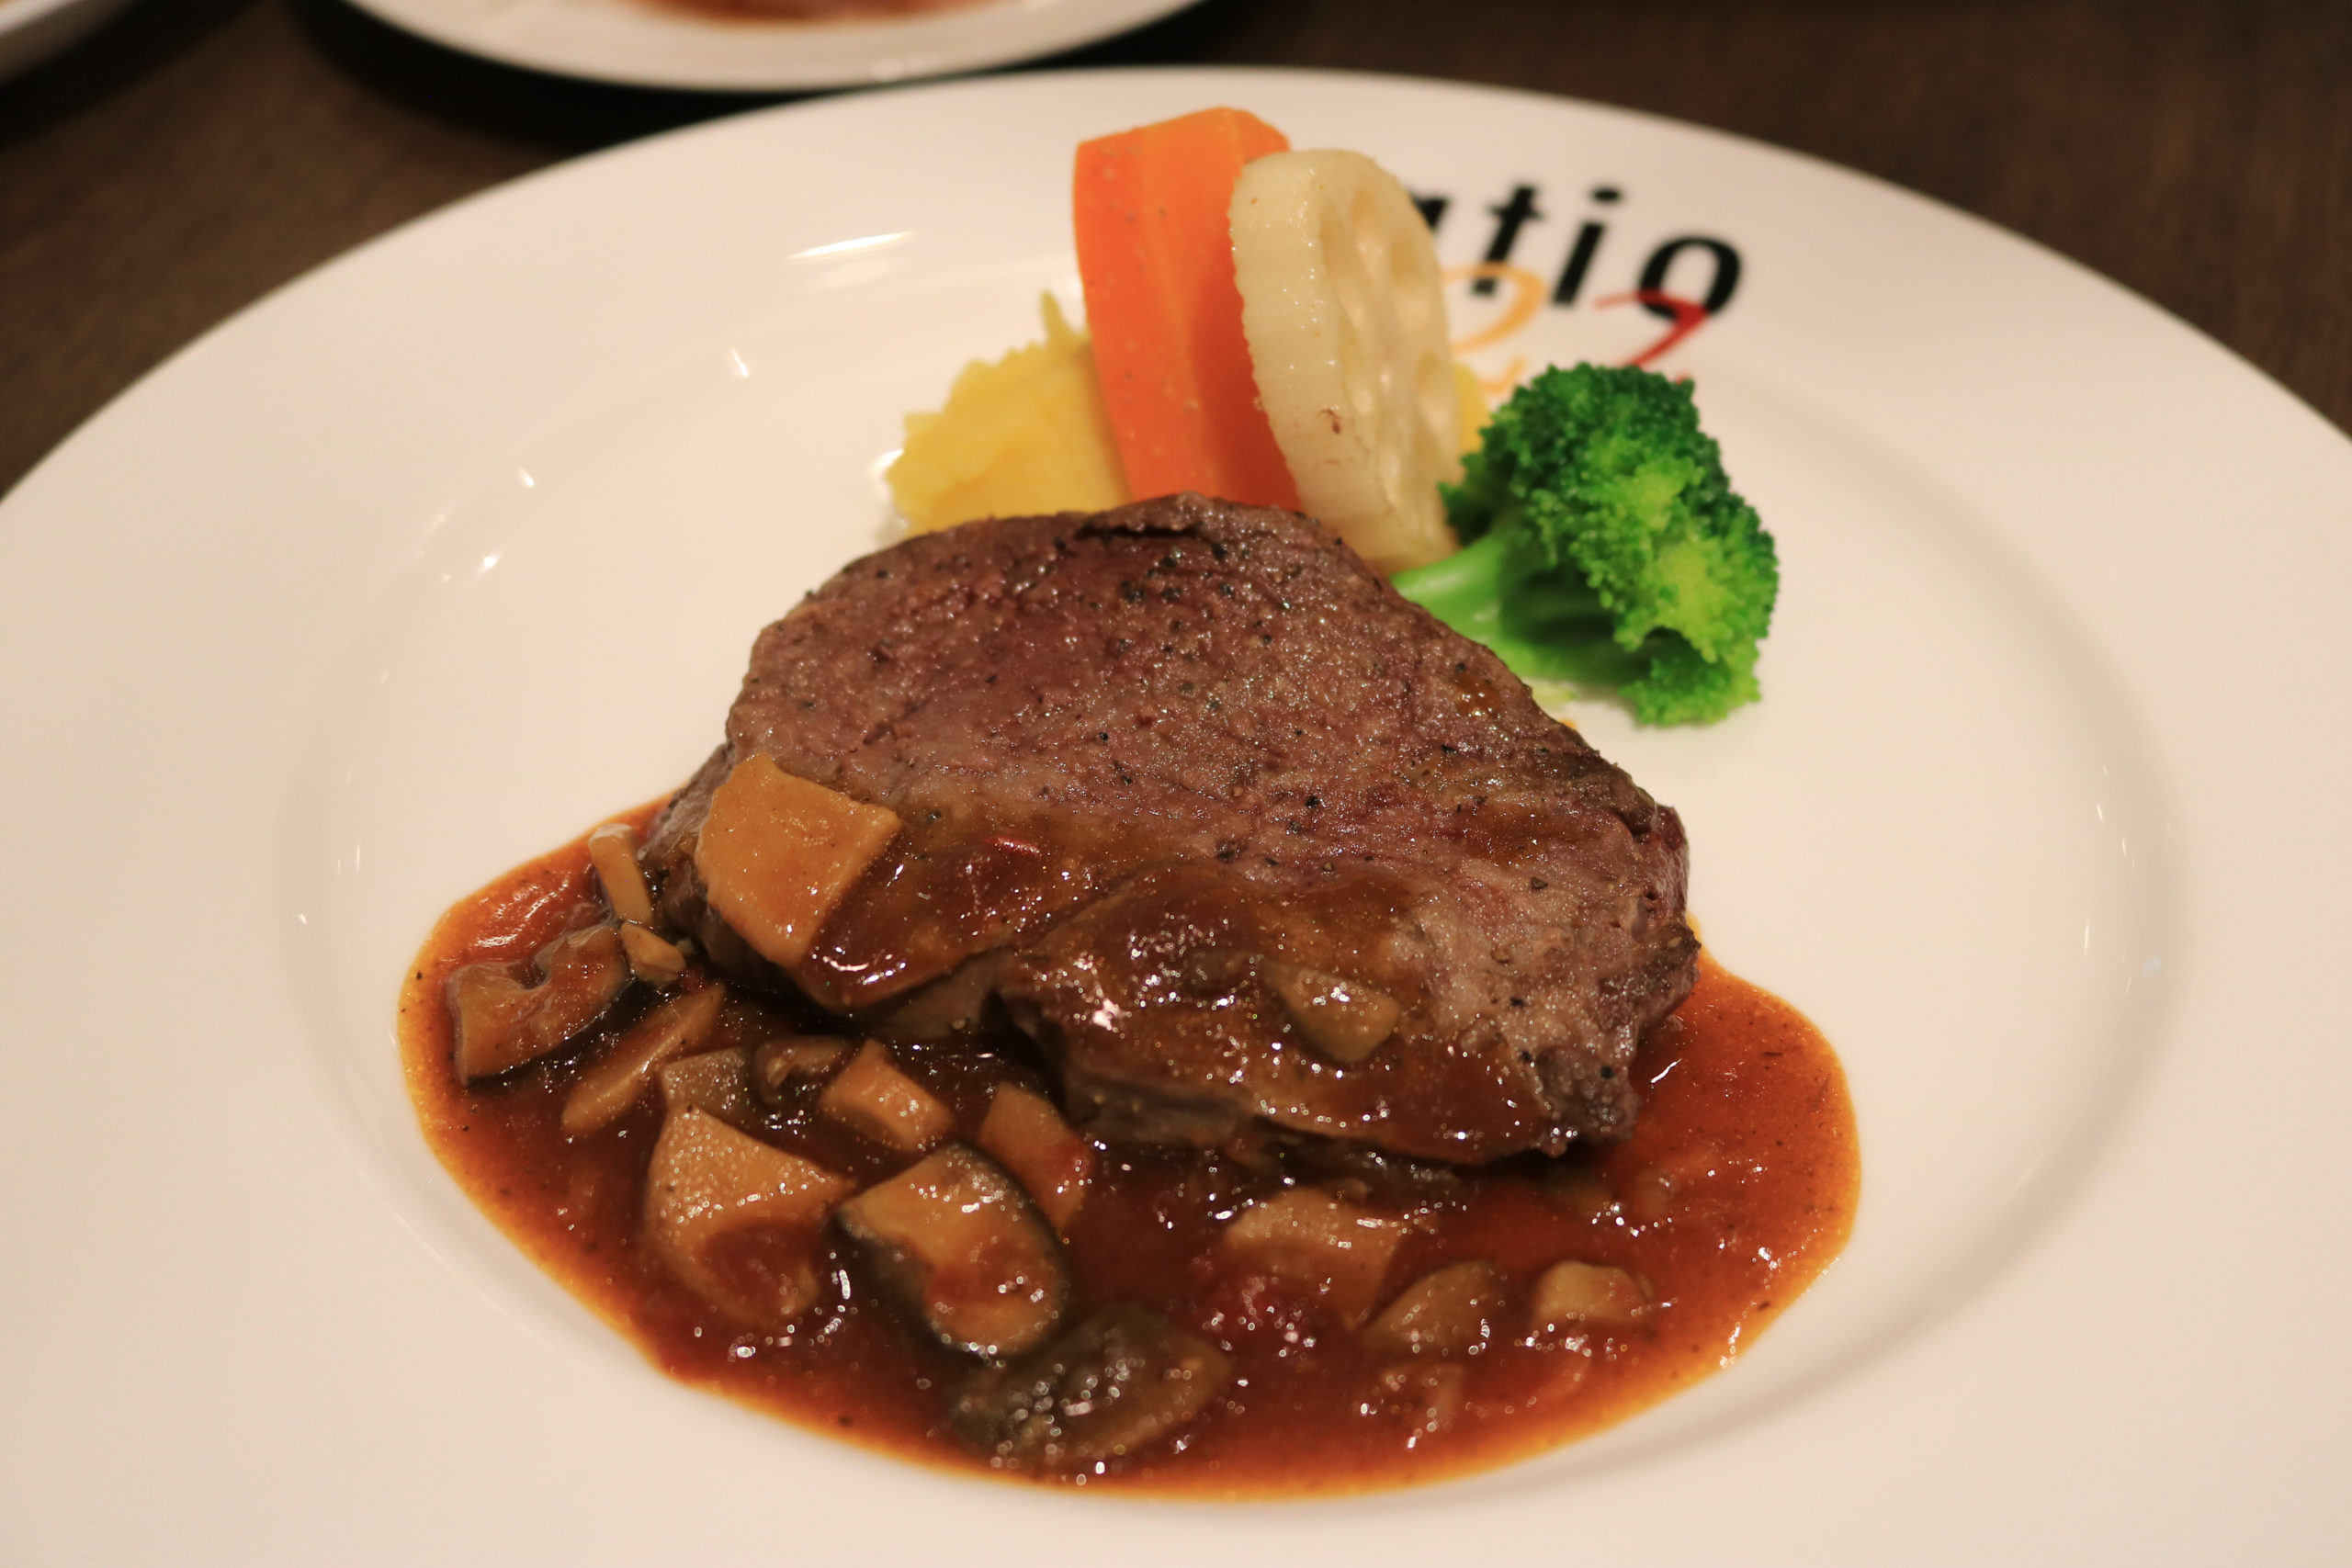 牛フィレ肉のソテー いわき産茸のシャスール風